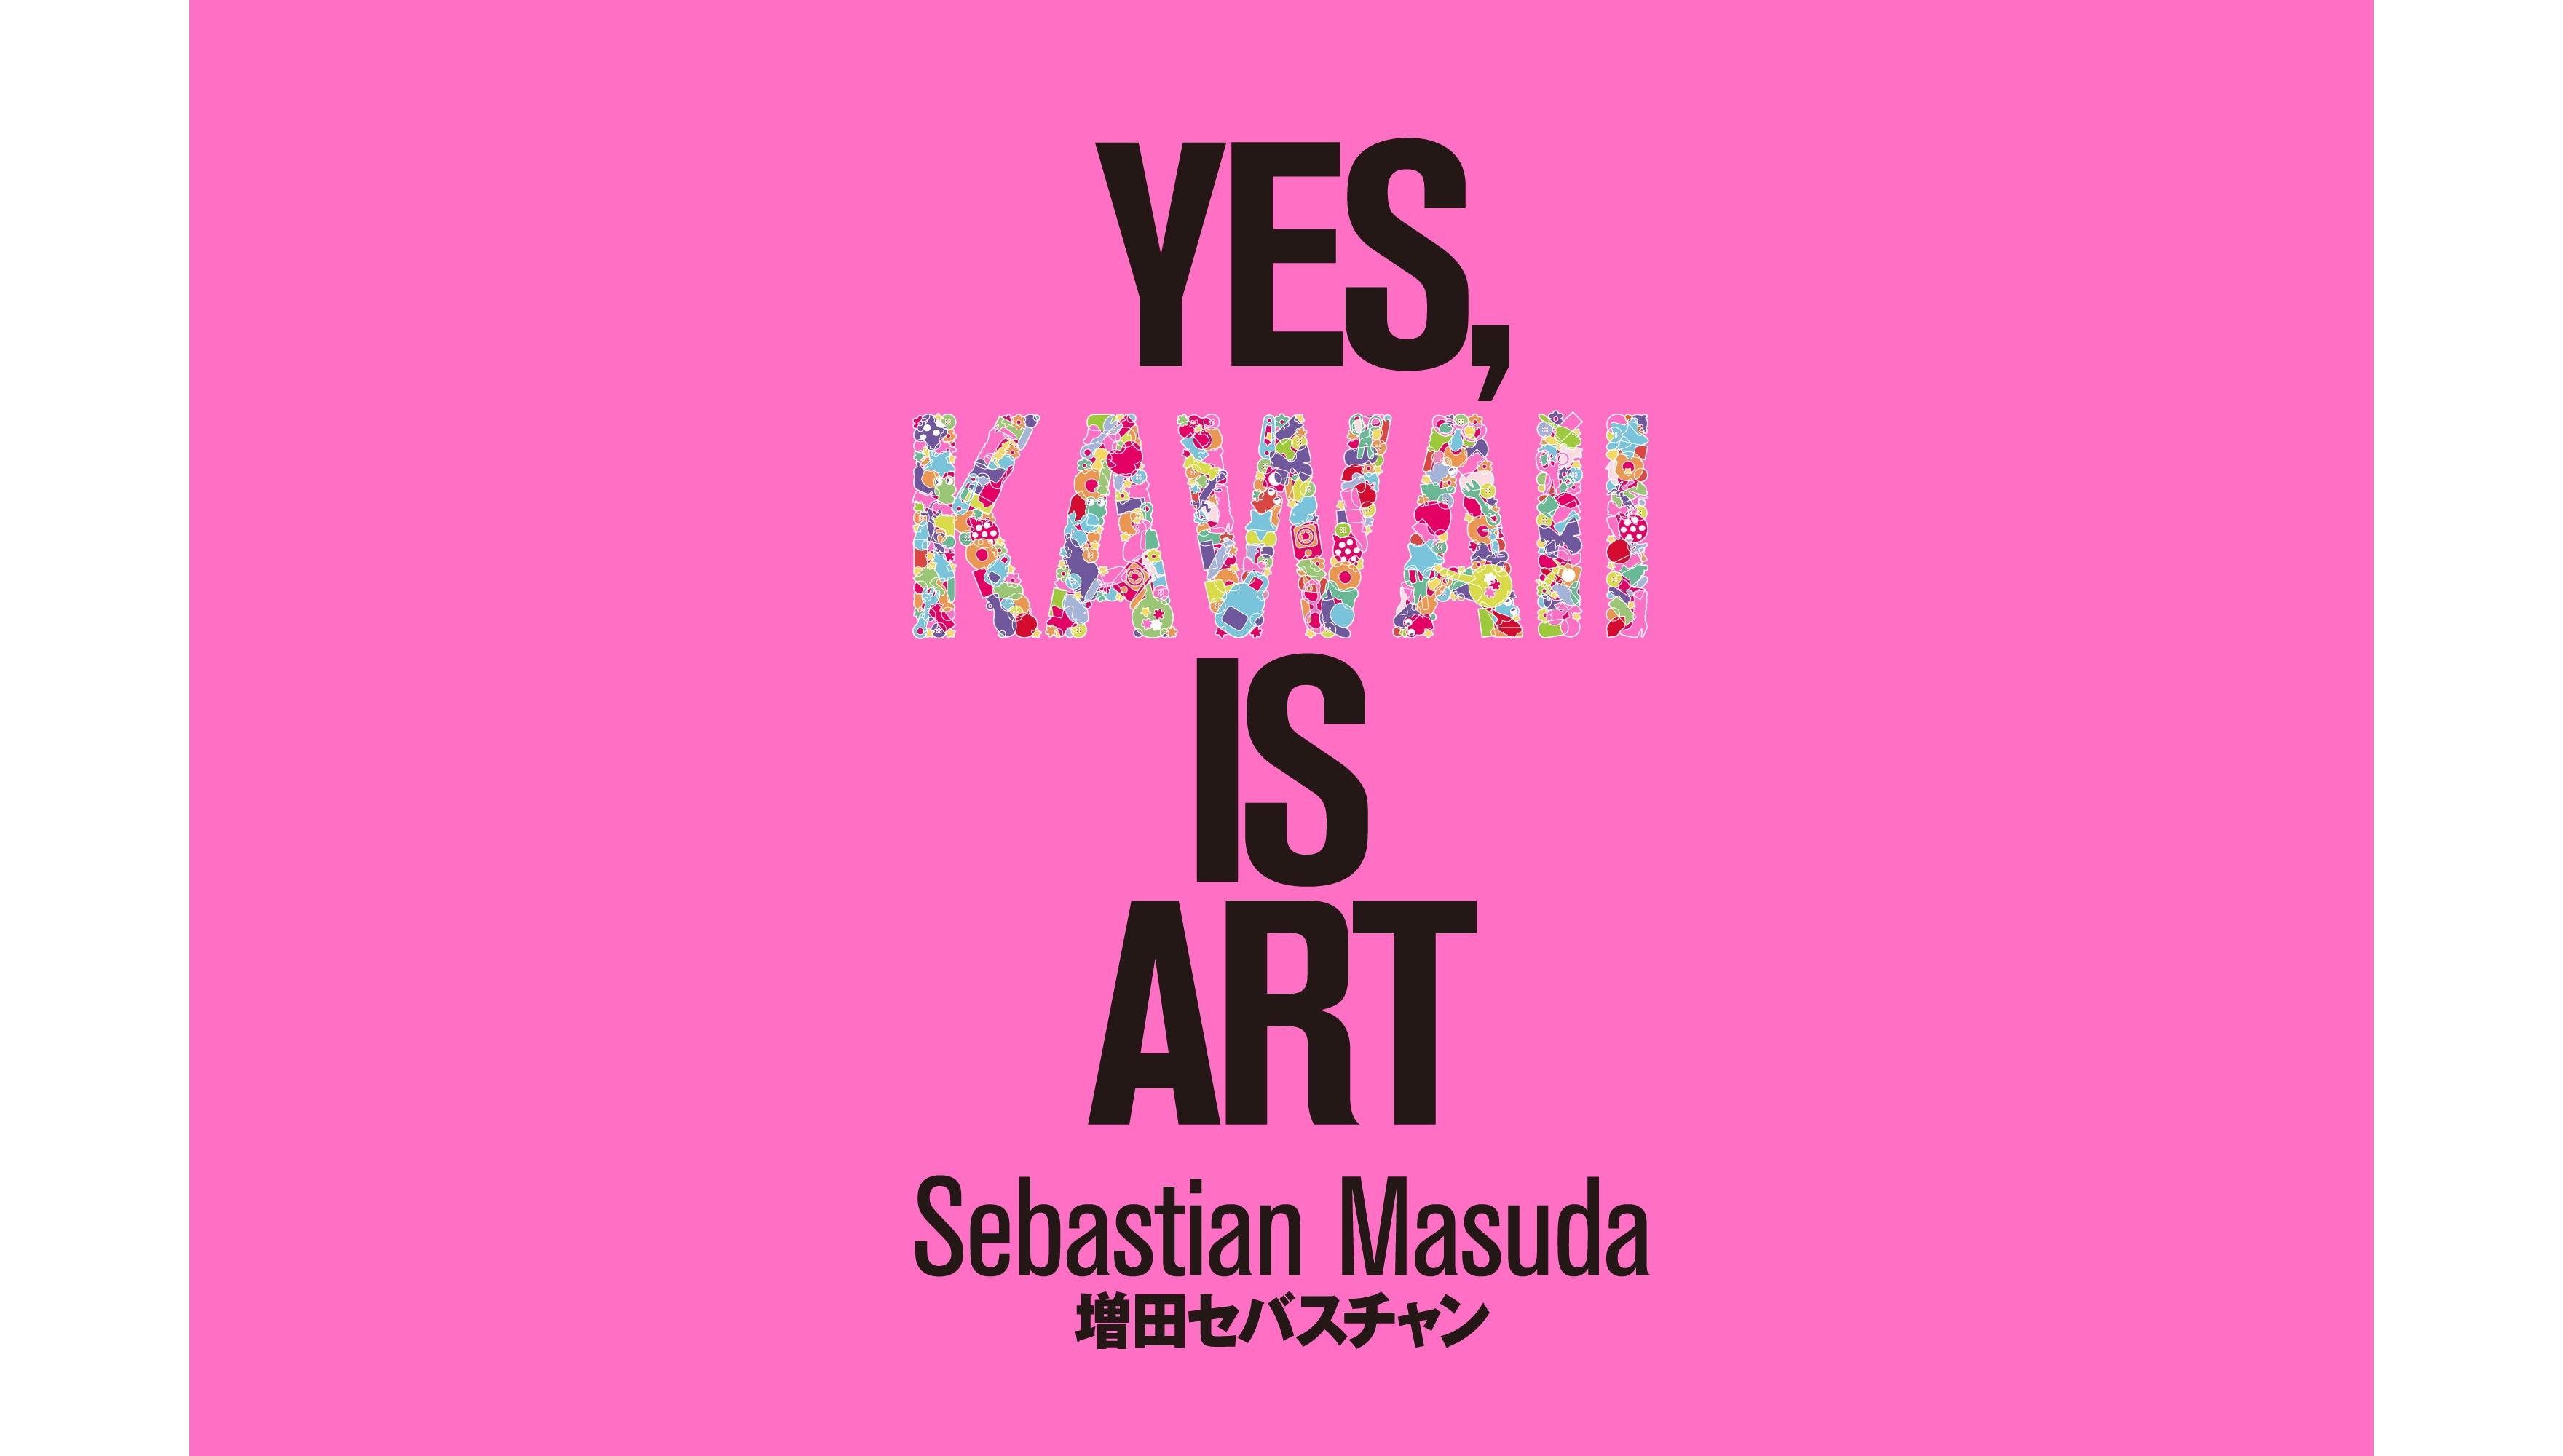 増⽥セバスチャン「Yes, Kawaii Is Art」1